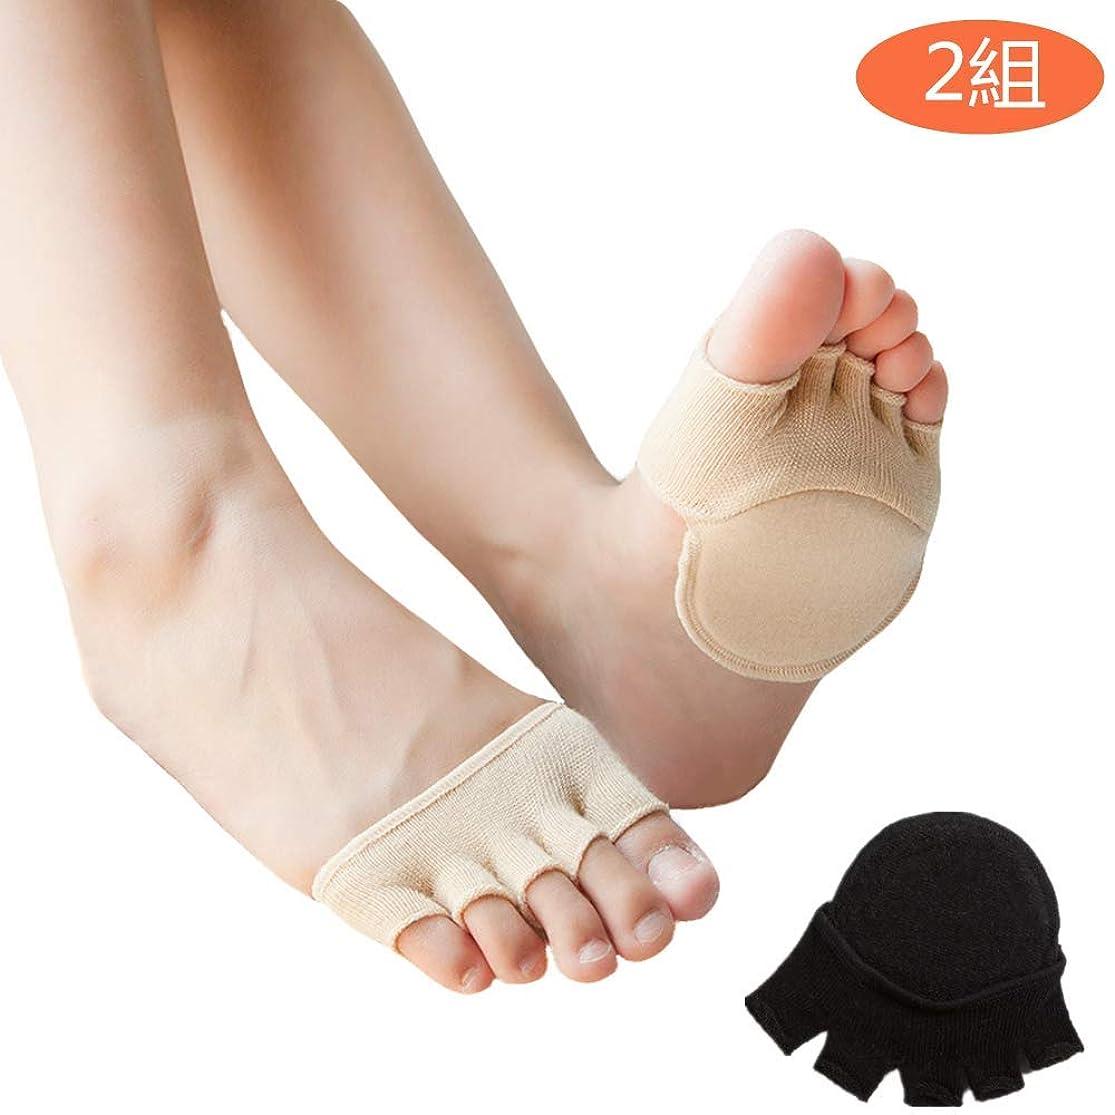 方程式ベリー位置づけるつま先 5本指 足底クッション付き 前足サポーター 足の臭い対策 フットカバー ヨガ用靴下 浅い靴下半分つま先 夏 超薄型 (2組)